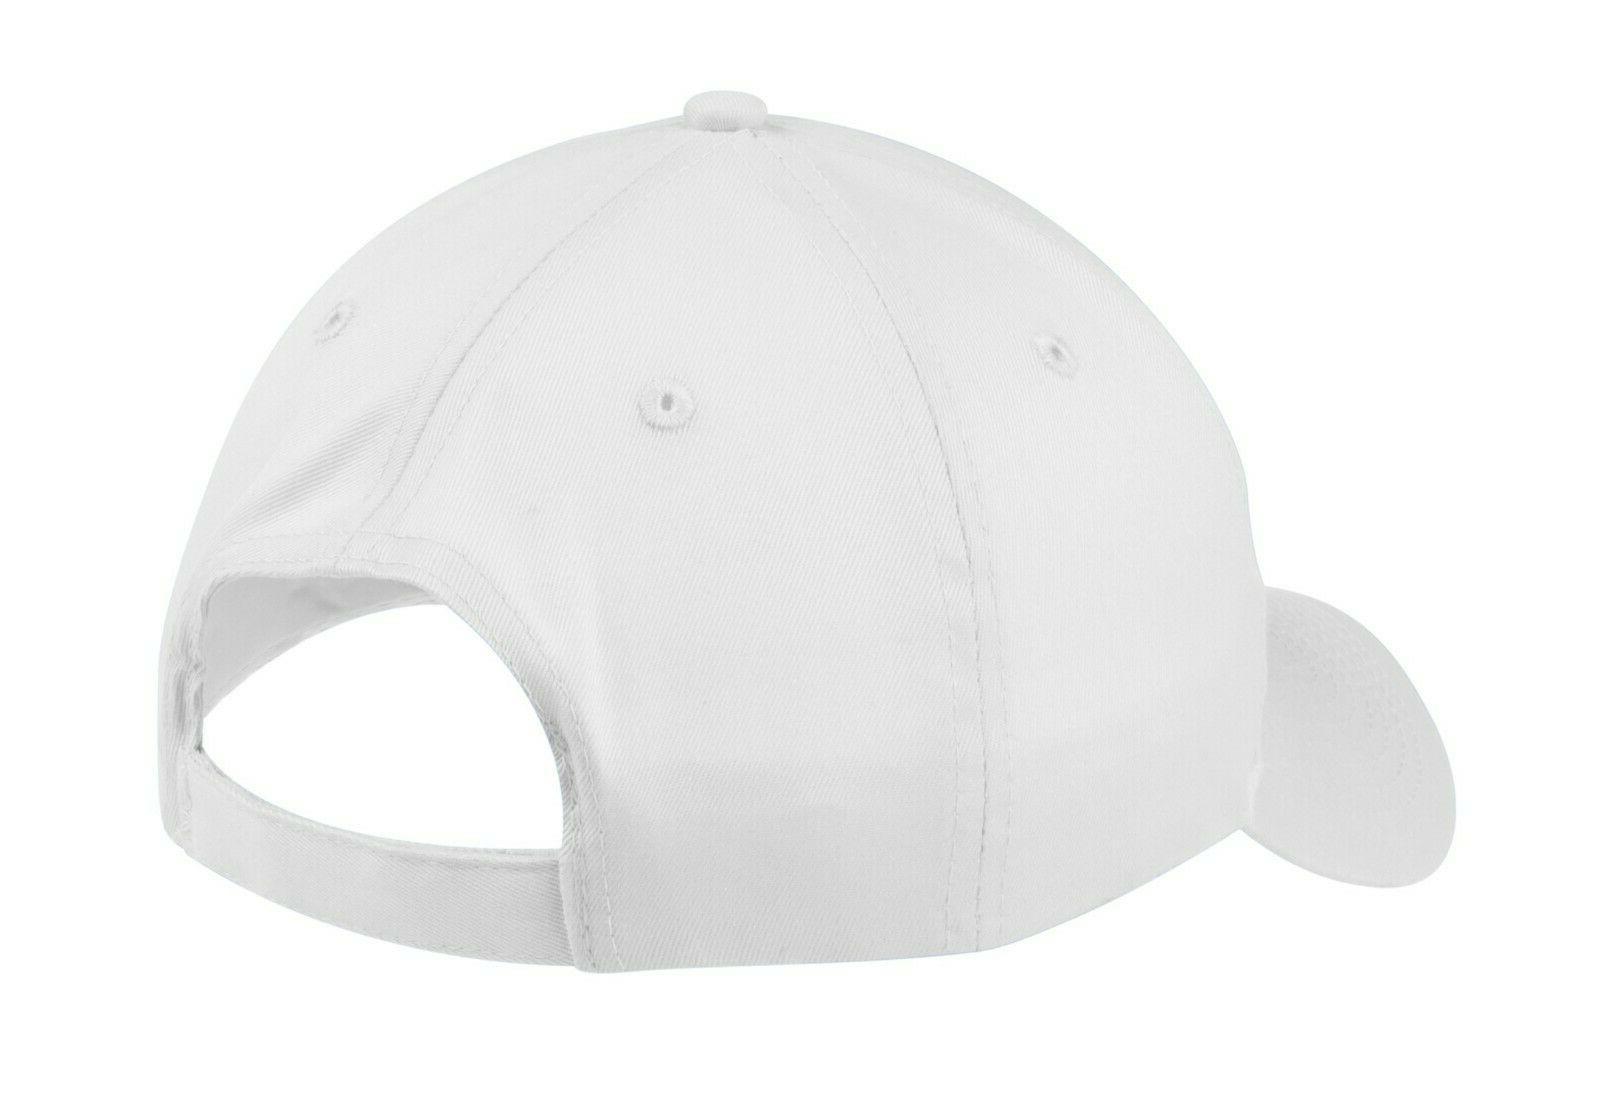 USPS Postal Hat - Baseball - Embroidered